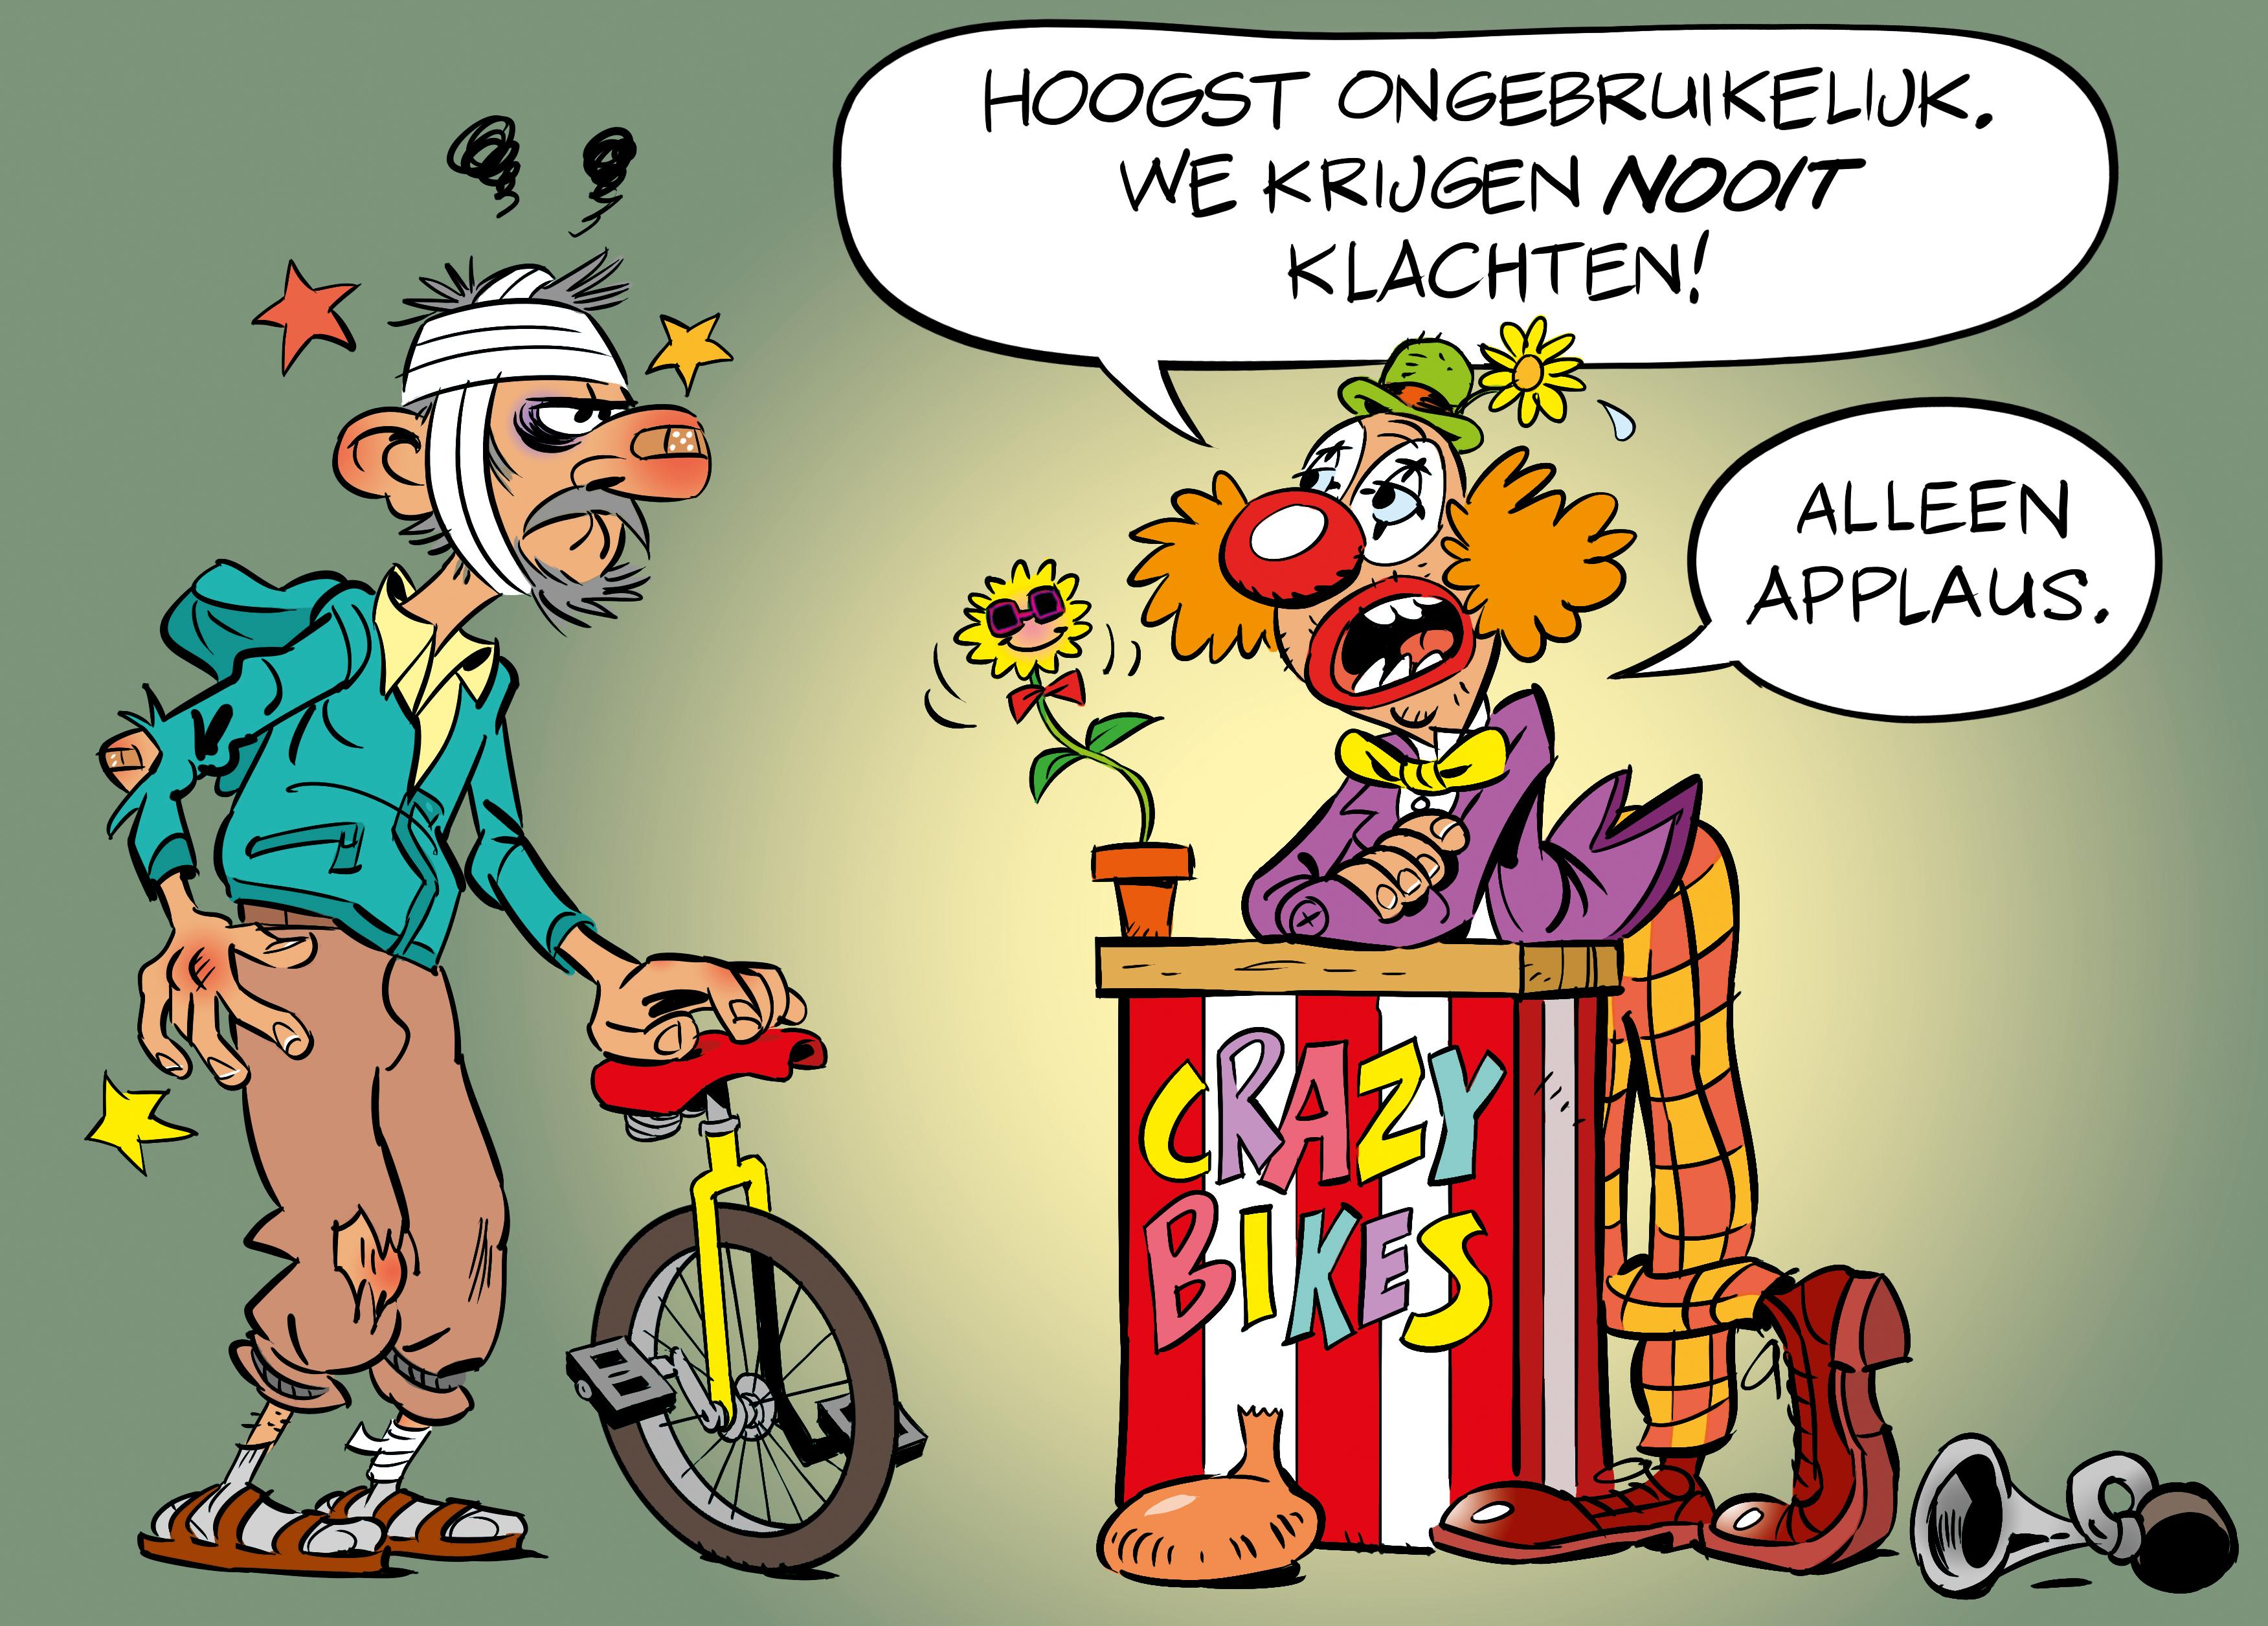 Van alles mis met de twee Stella-bikes van Monica en Bas Molenaar-Zoetelief